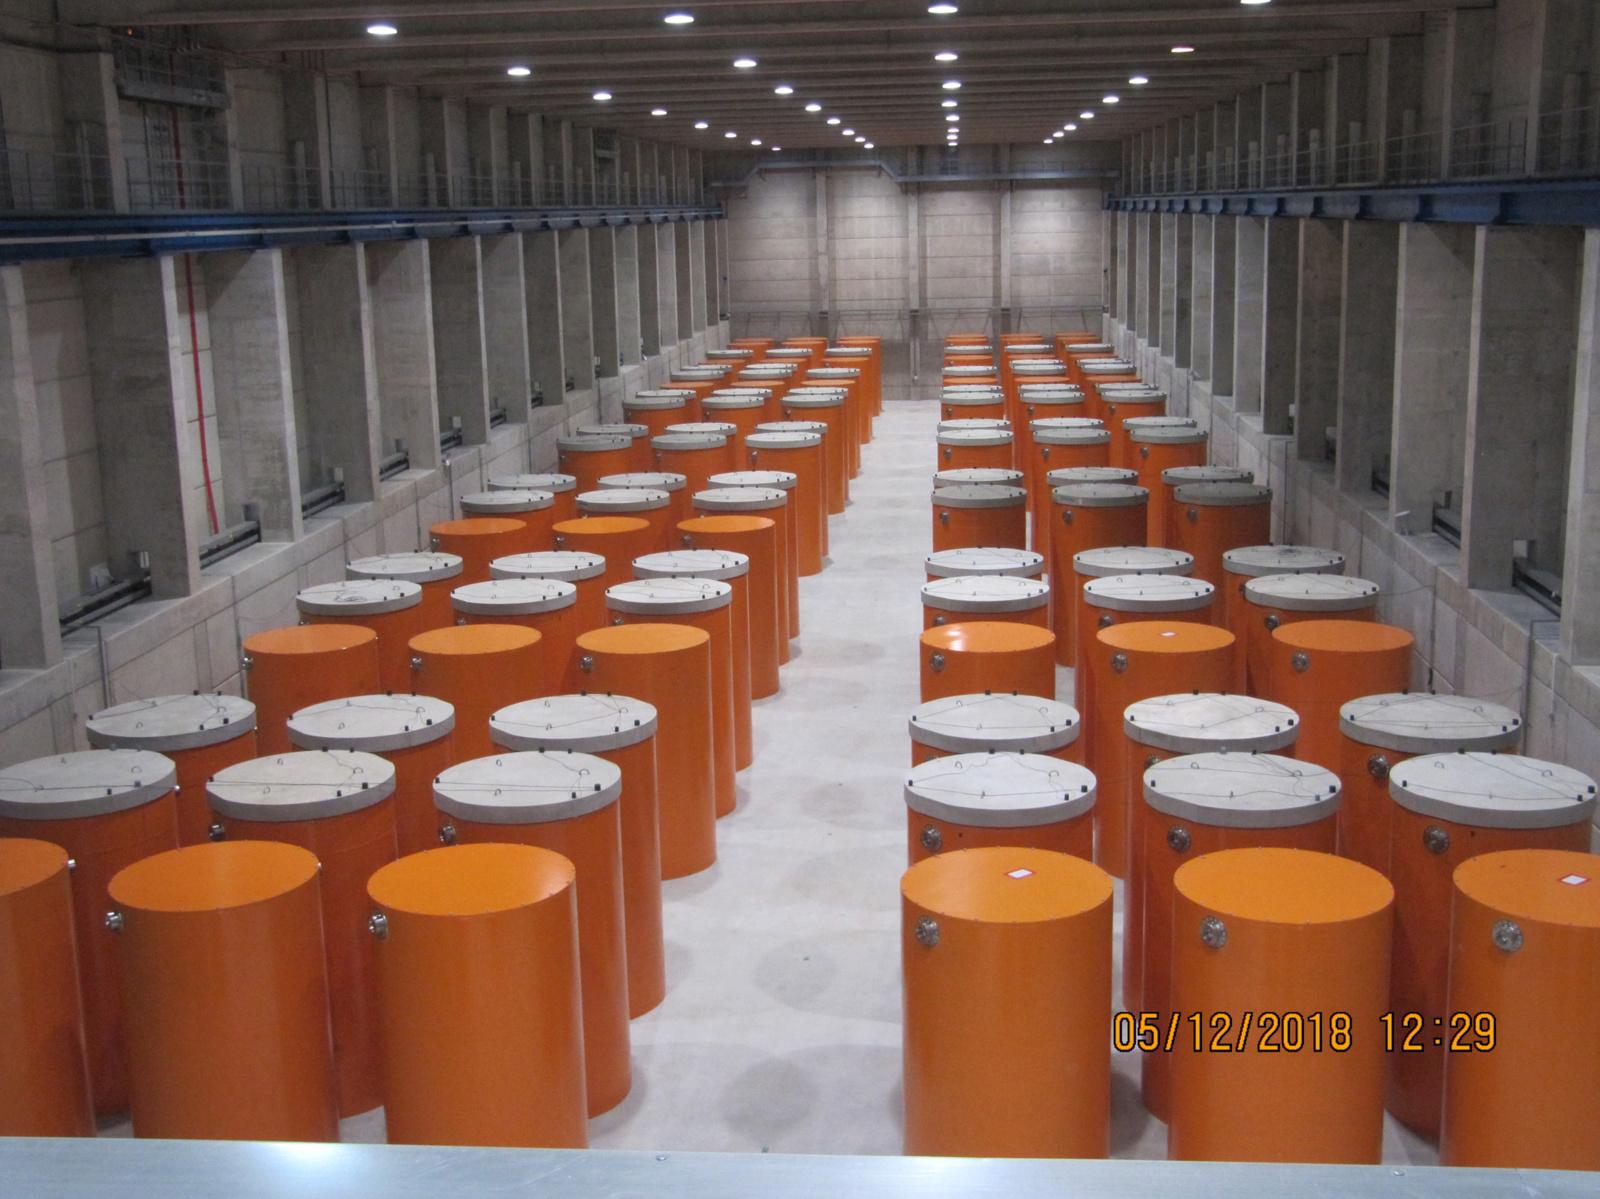 Atnaujintas Ignalinos atominės elektrinės uždarymo planas